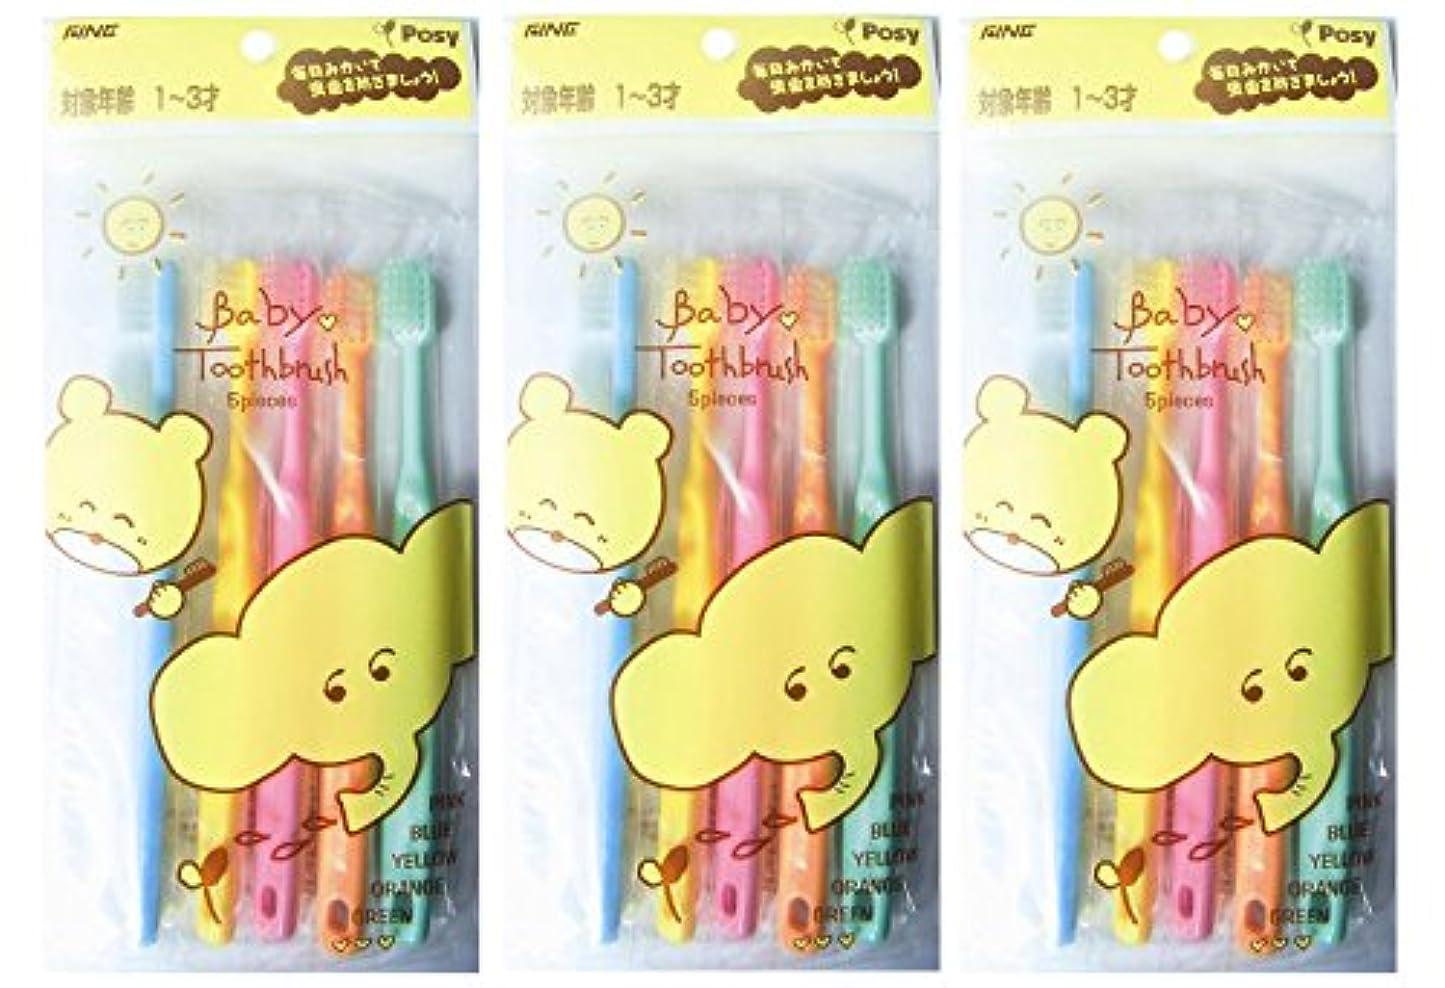 華氏自動プランテーションファイン ポージィ ベビー歯ブラシ 5本組3個セット